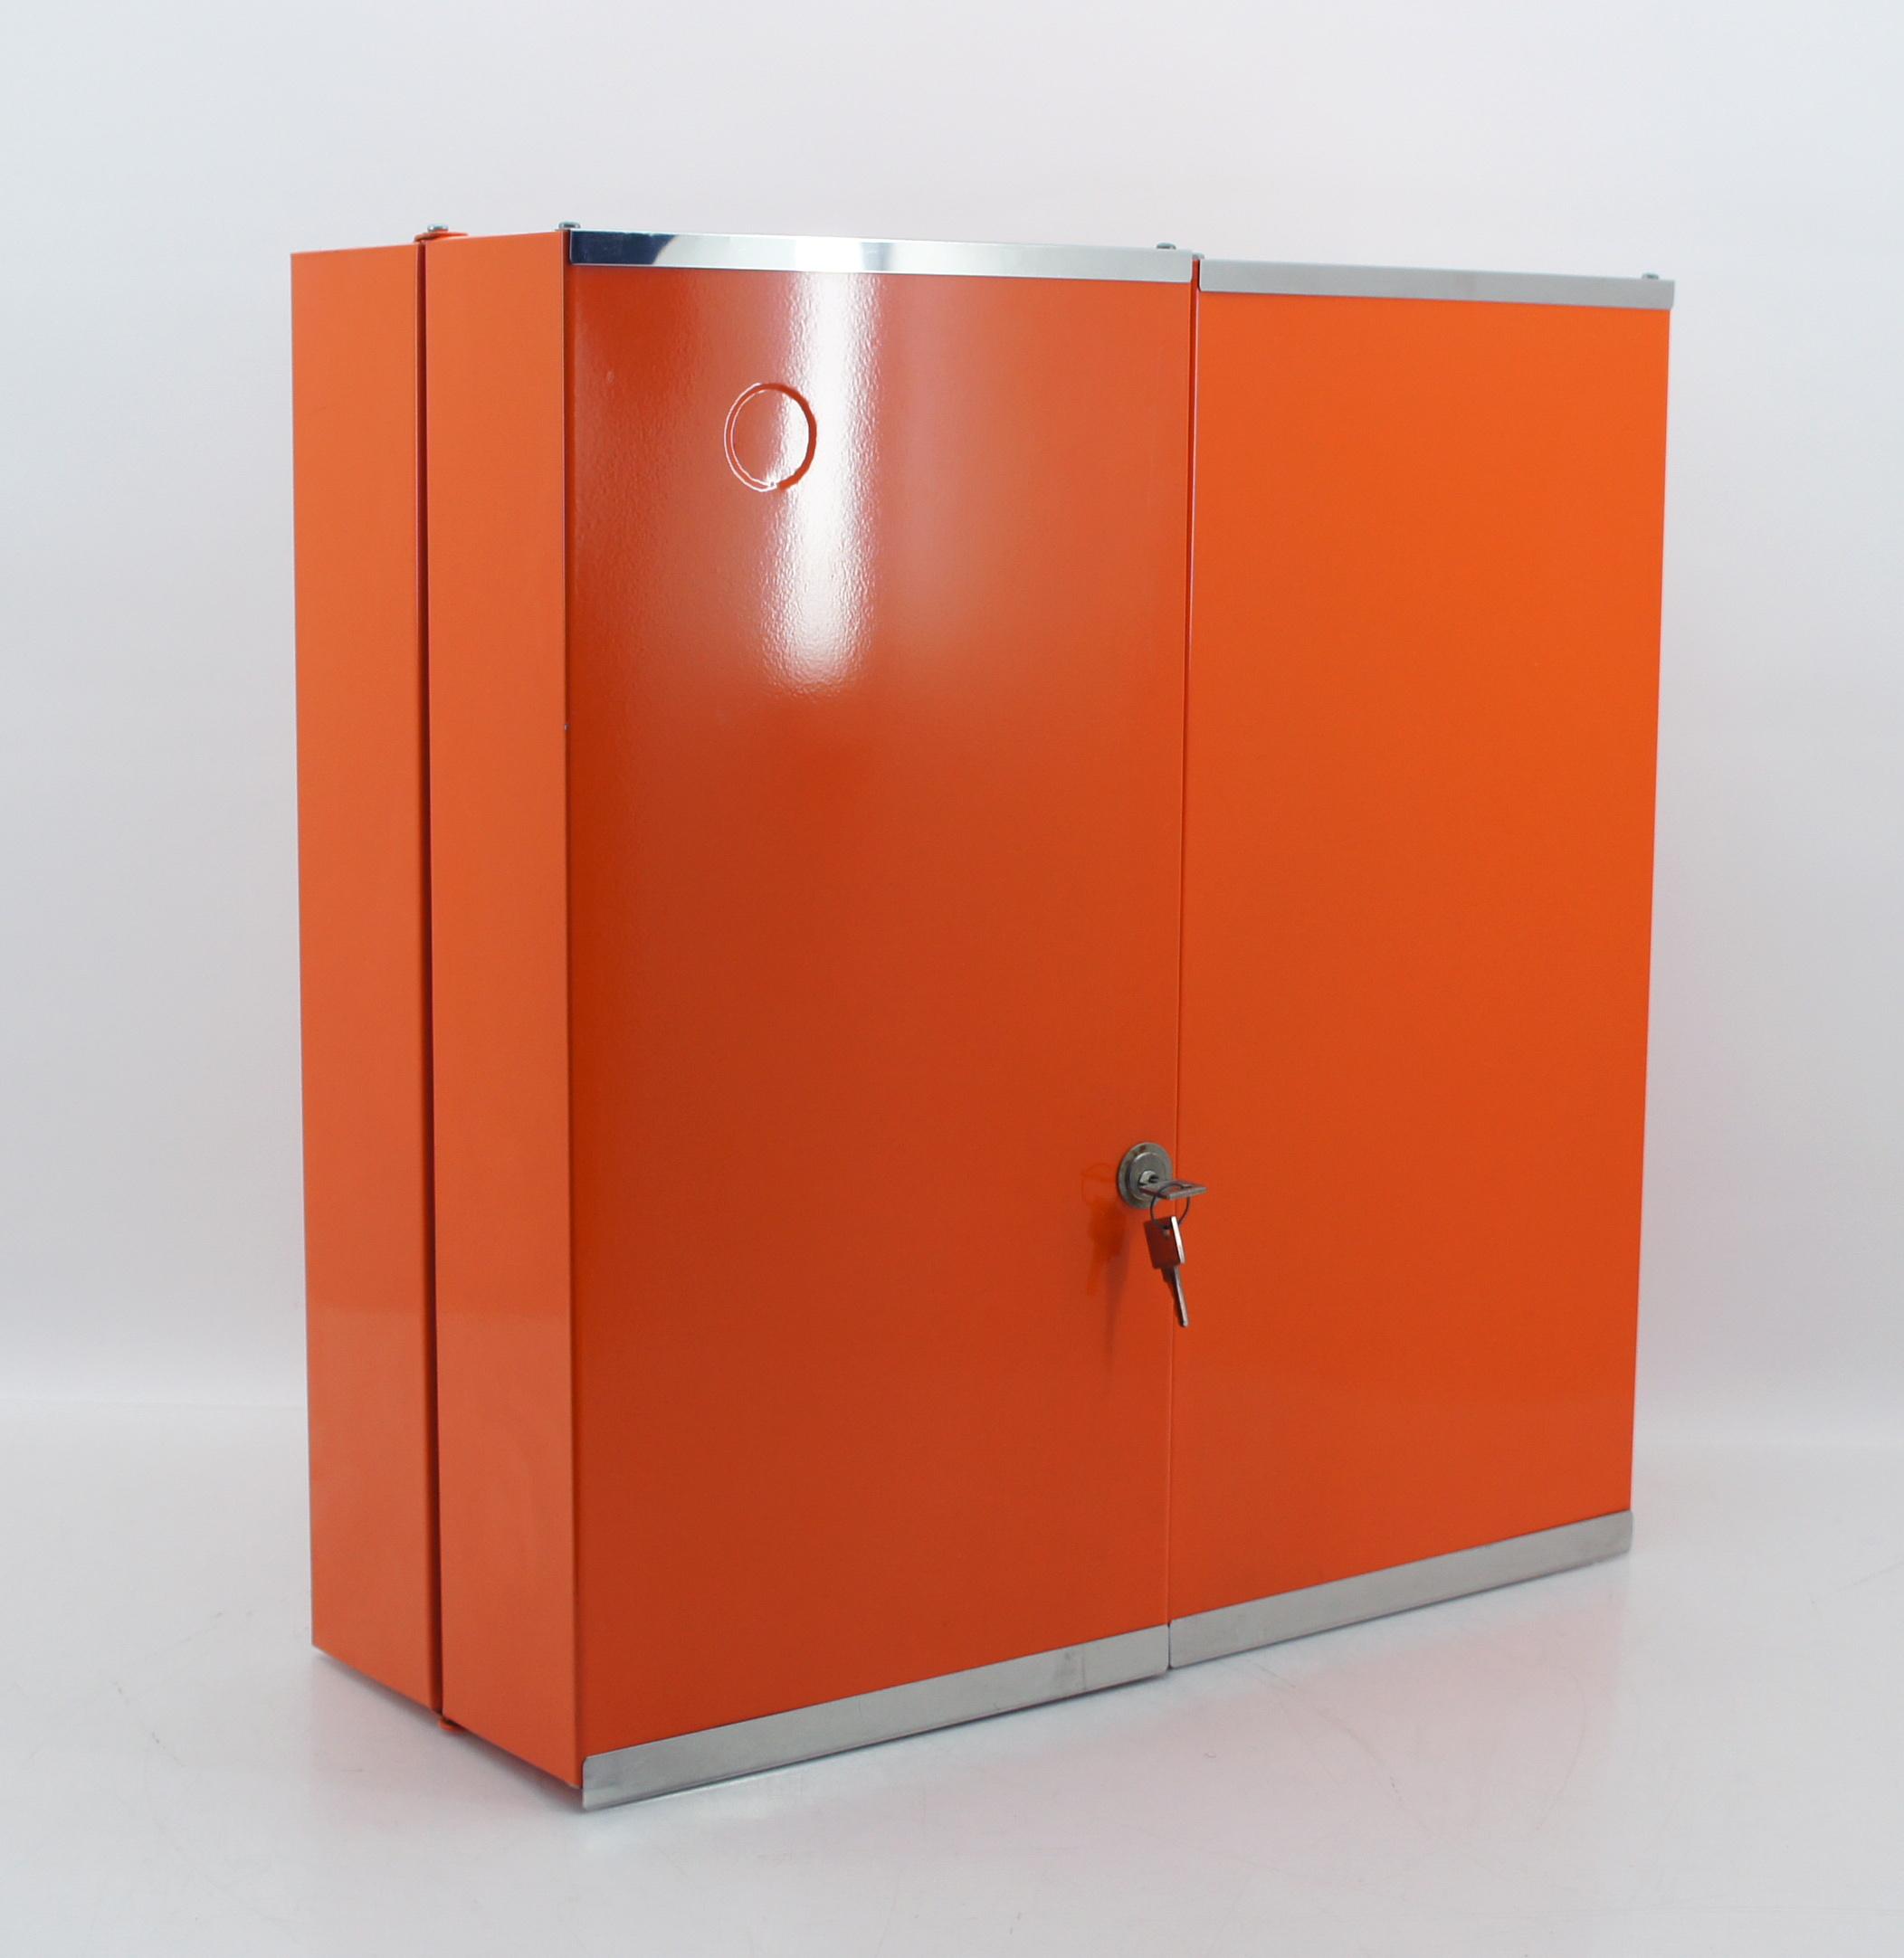 70er badezimmer schrank hängeschrank orange metall utensilio, Badezimmer ideen